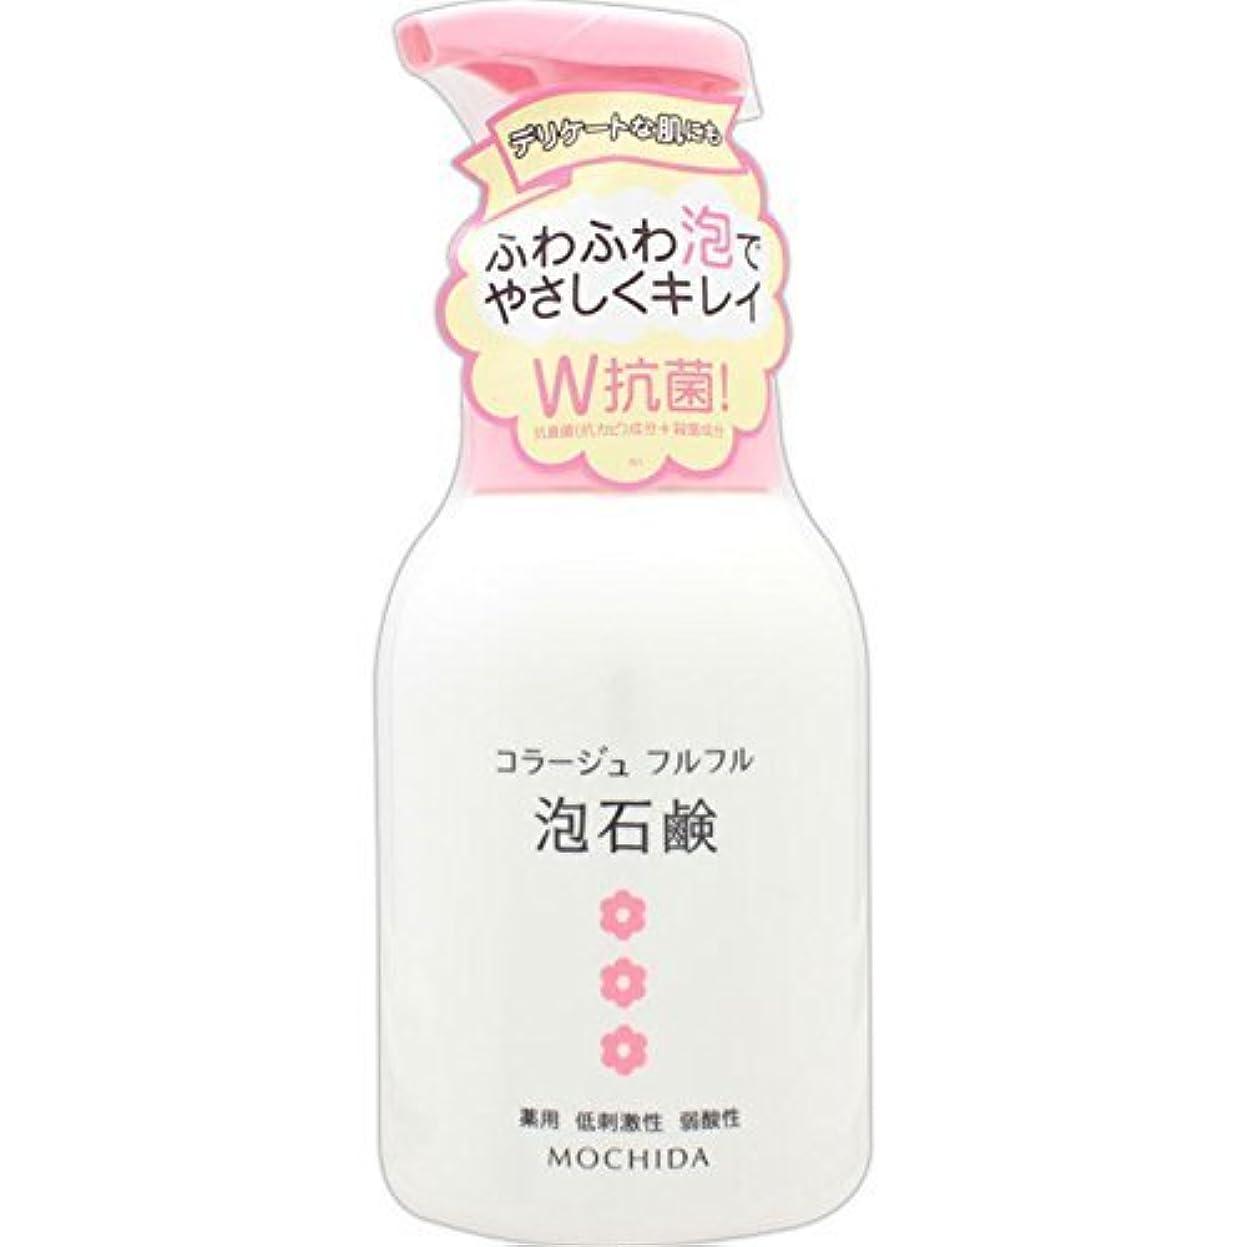 コンペ余計な禁じるコラージュフルフル 泡石鹸 ピンク 300m L (医薬部外品) ×9